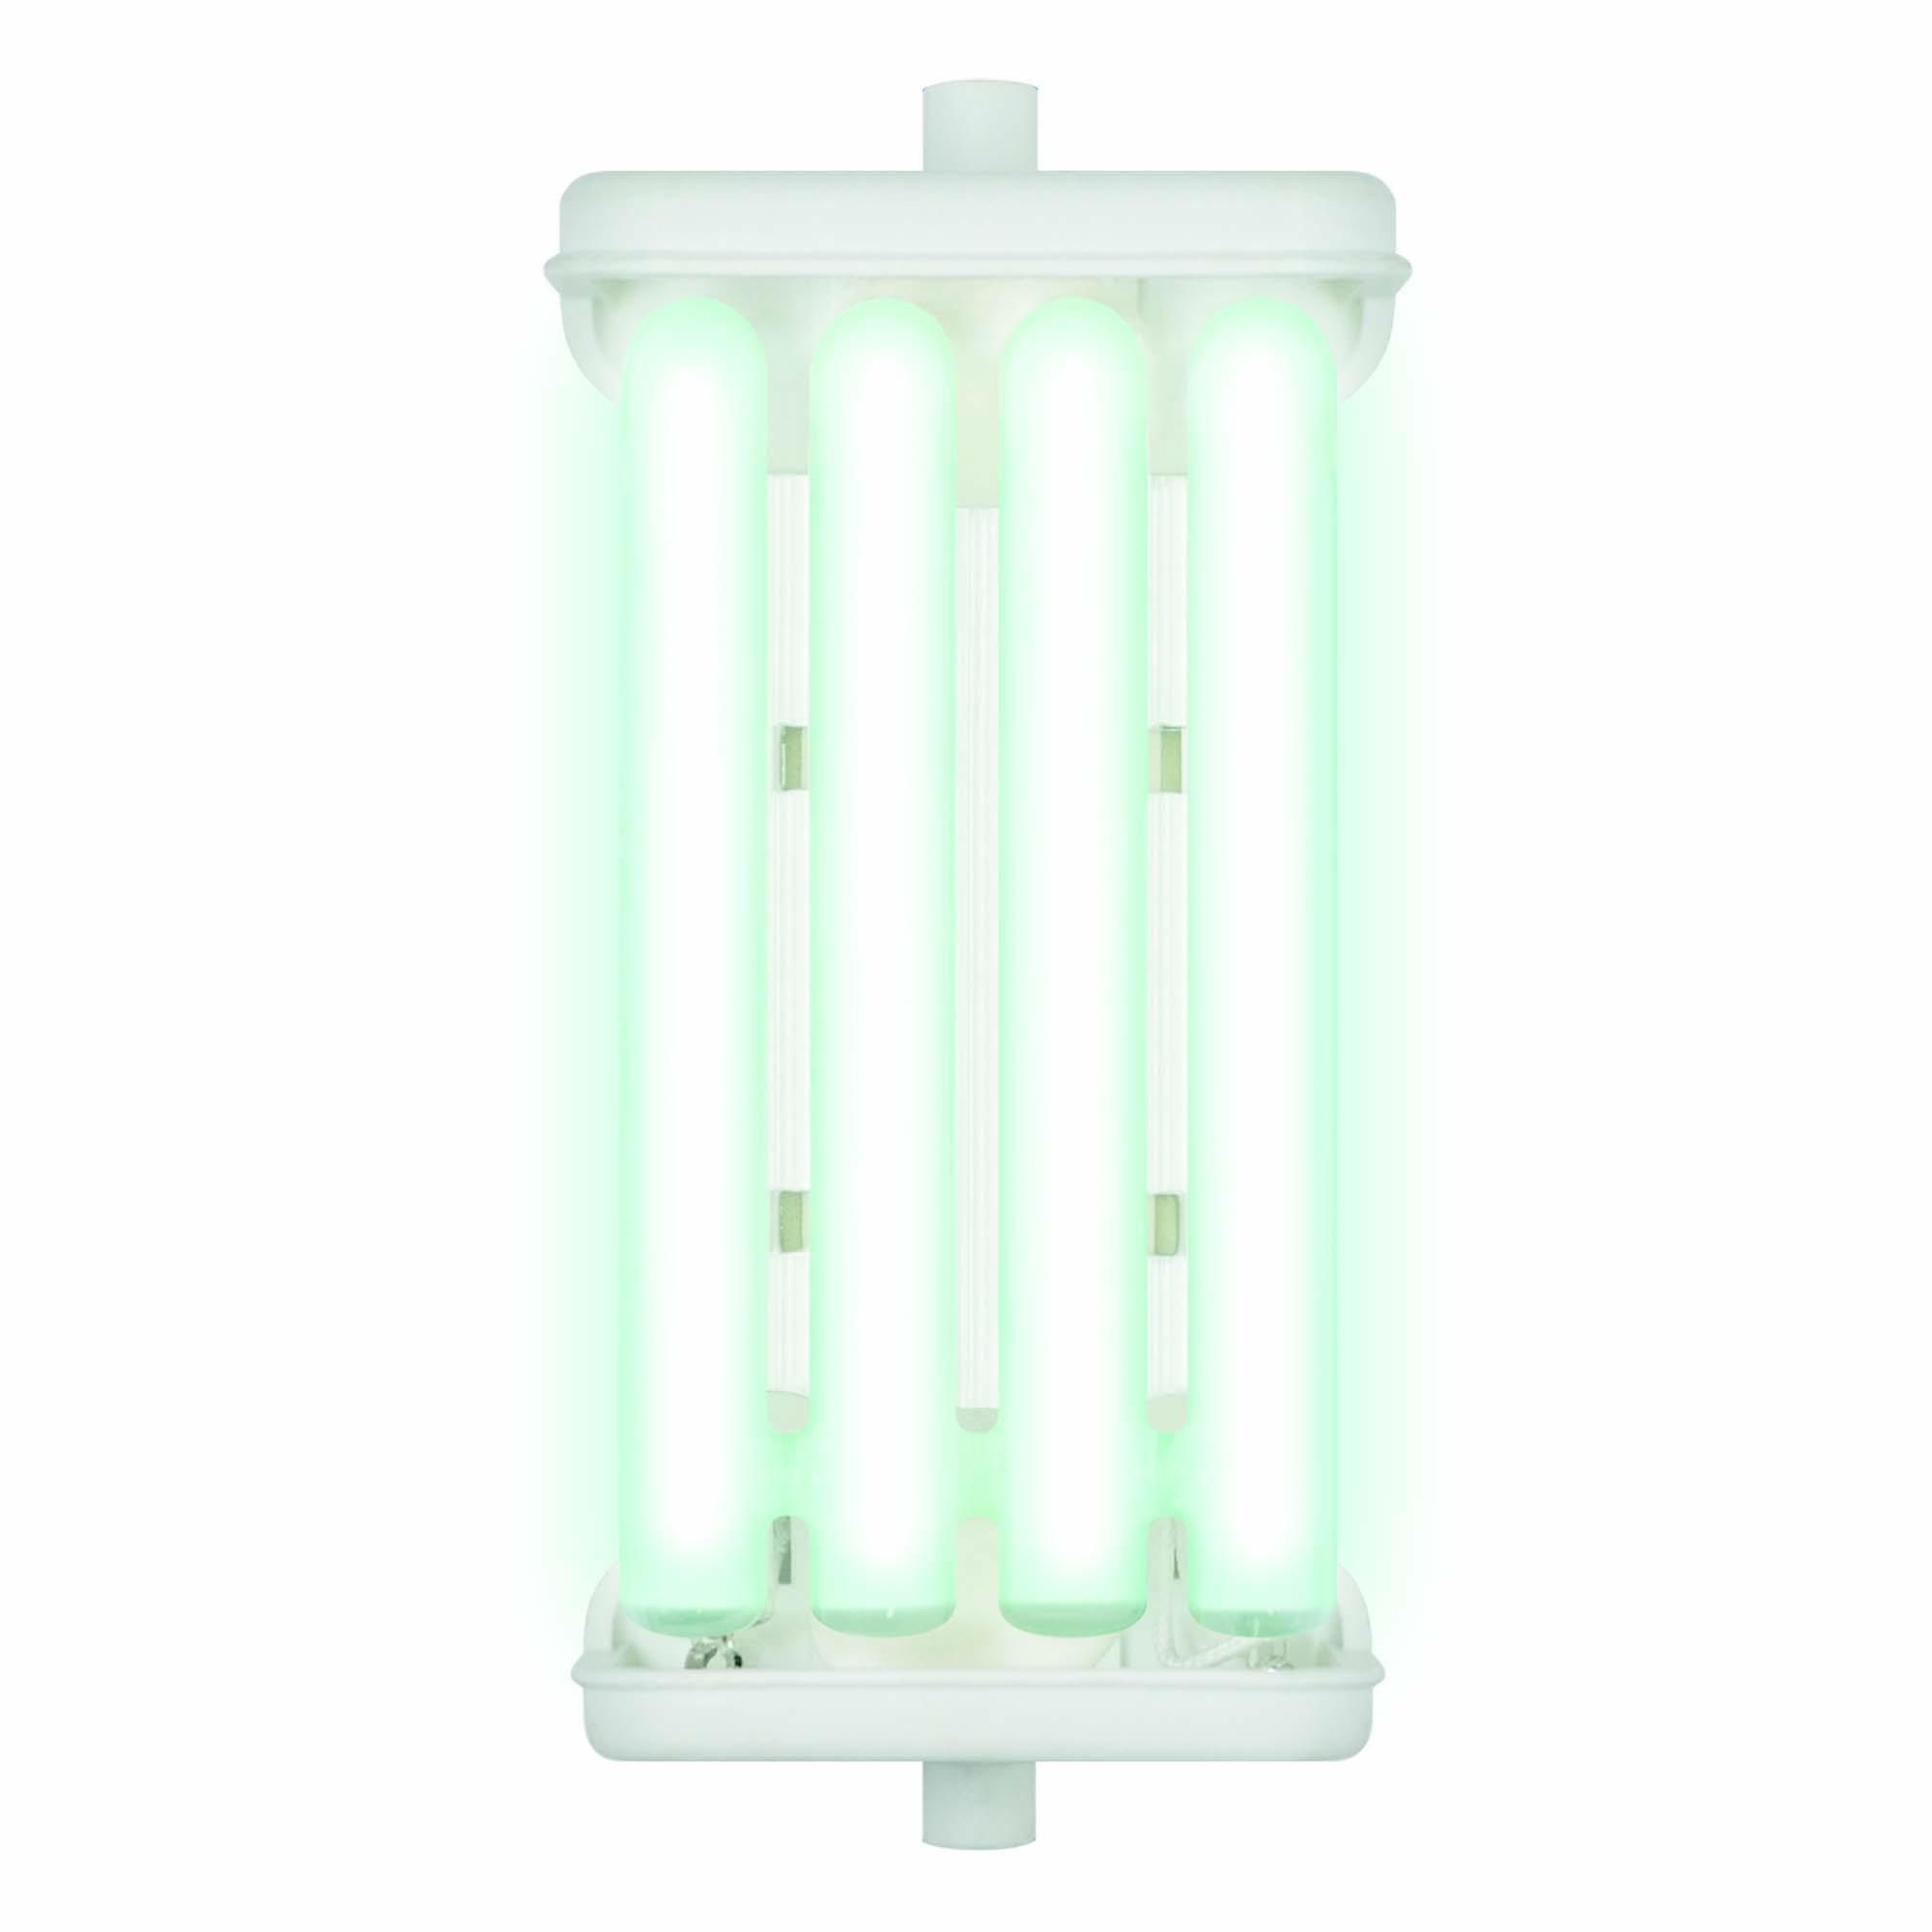 Лампа энергосберегающая Uniel Esl-422-j118-24/4000/r7s 100шт